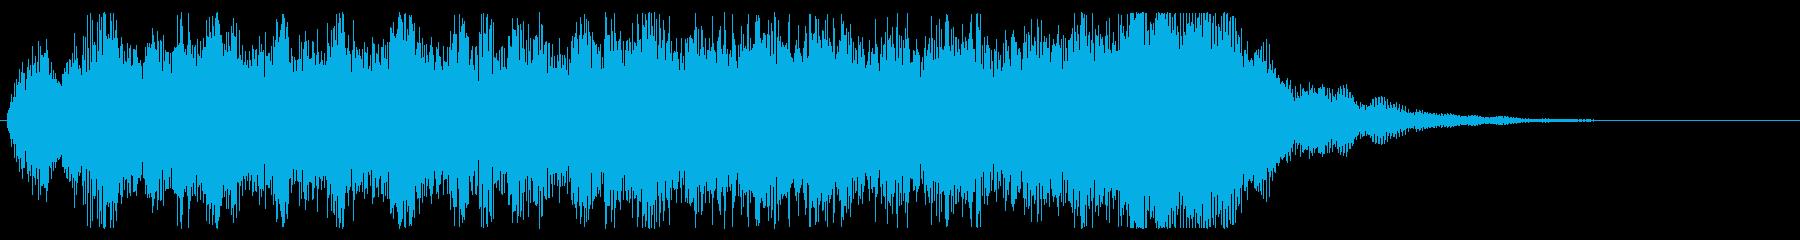 勇壮なジングル オーケストラ パターンBの再生済みの波形